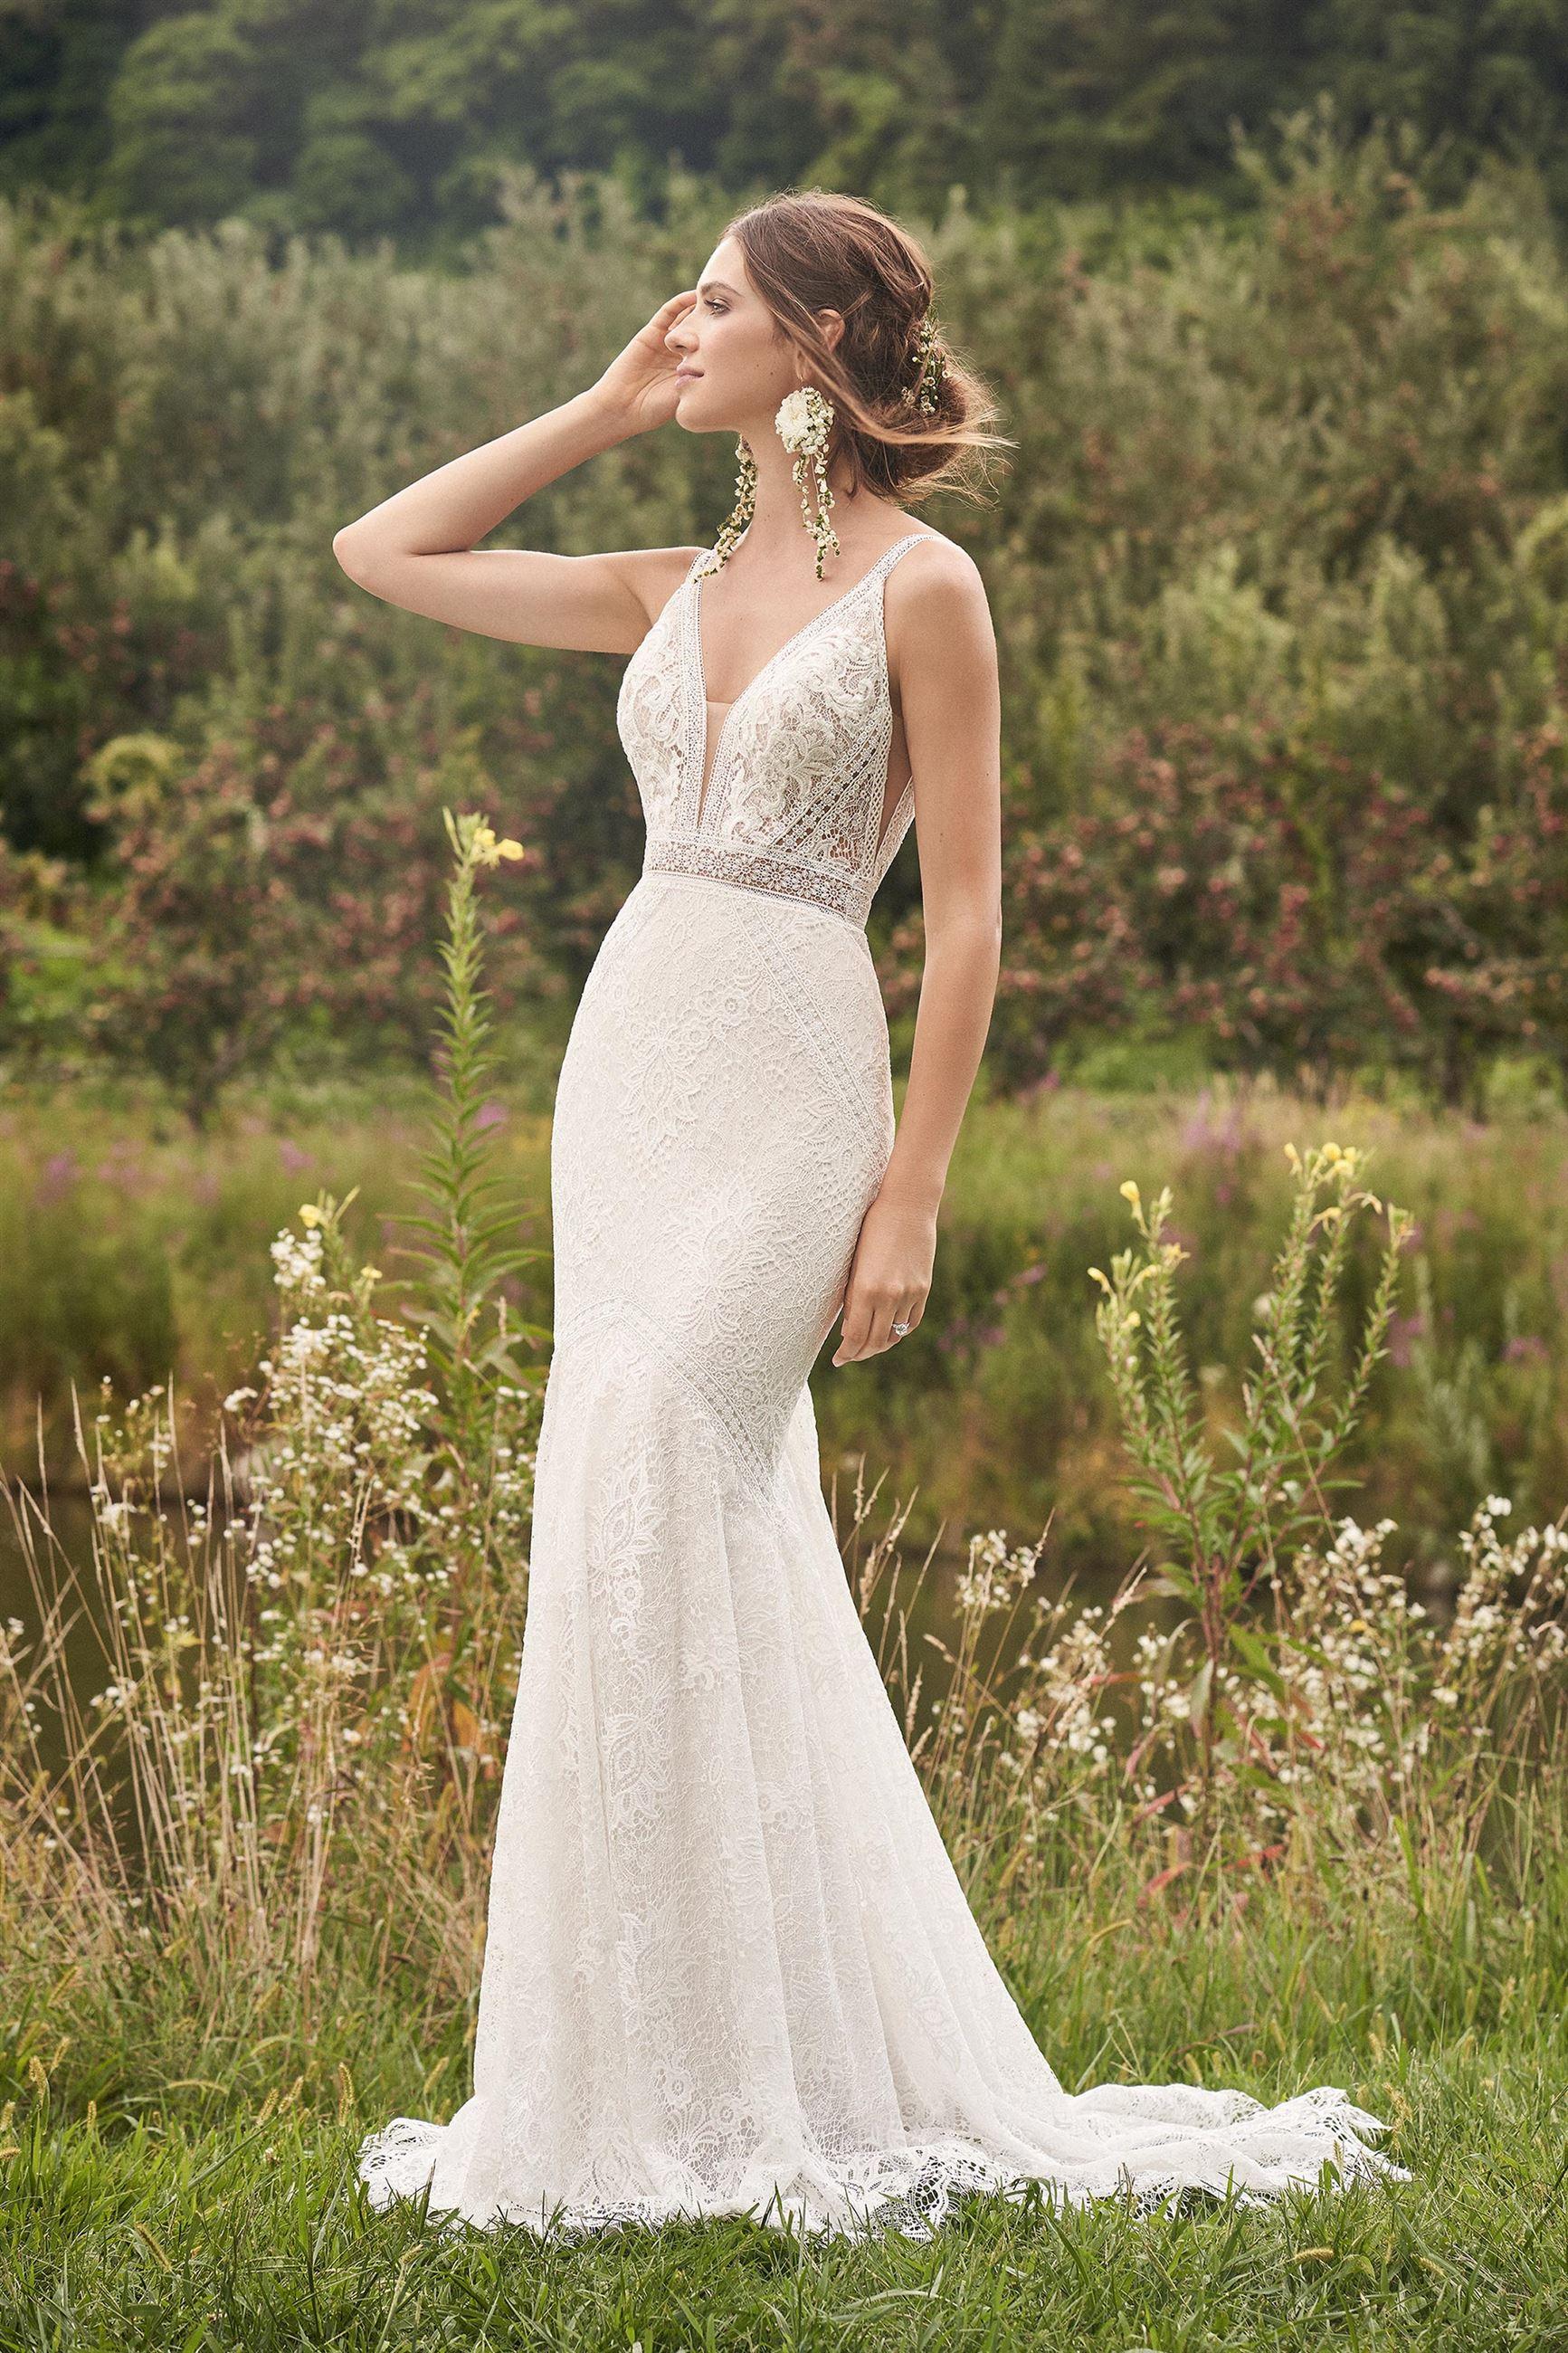 Model wearing a Lillian West gown